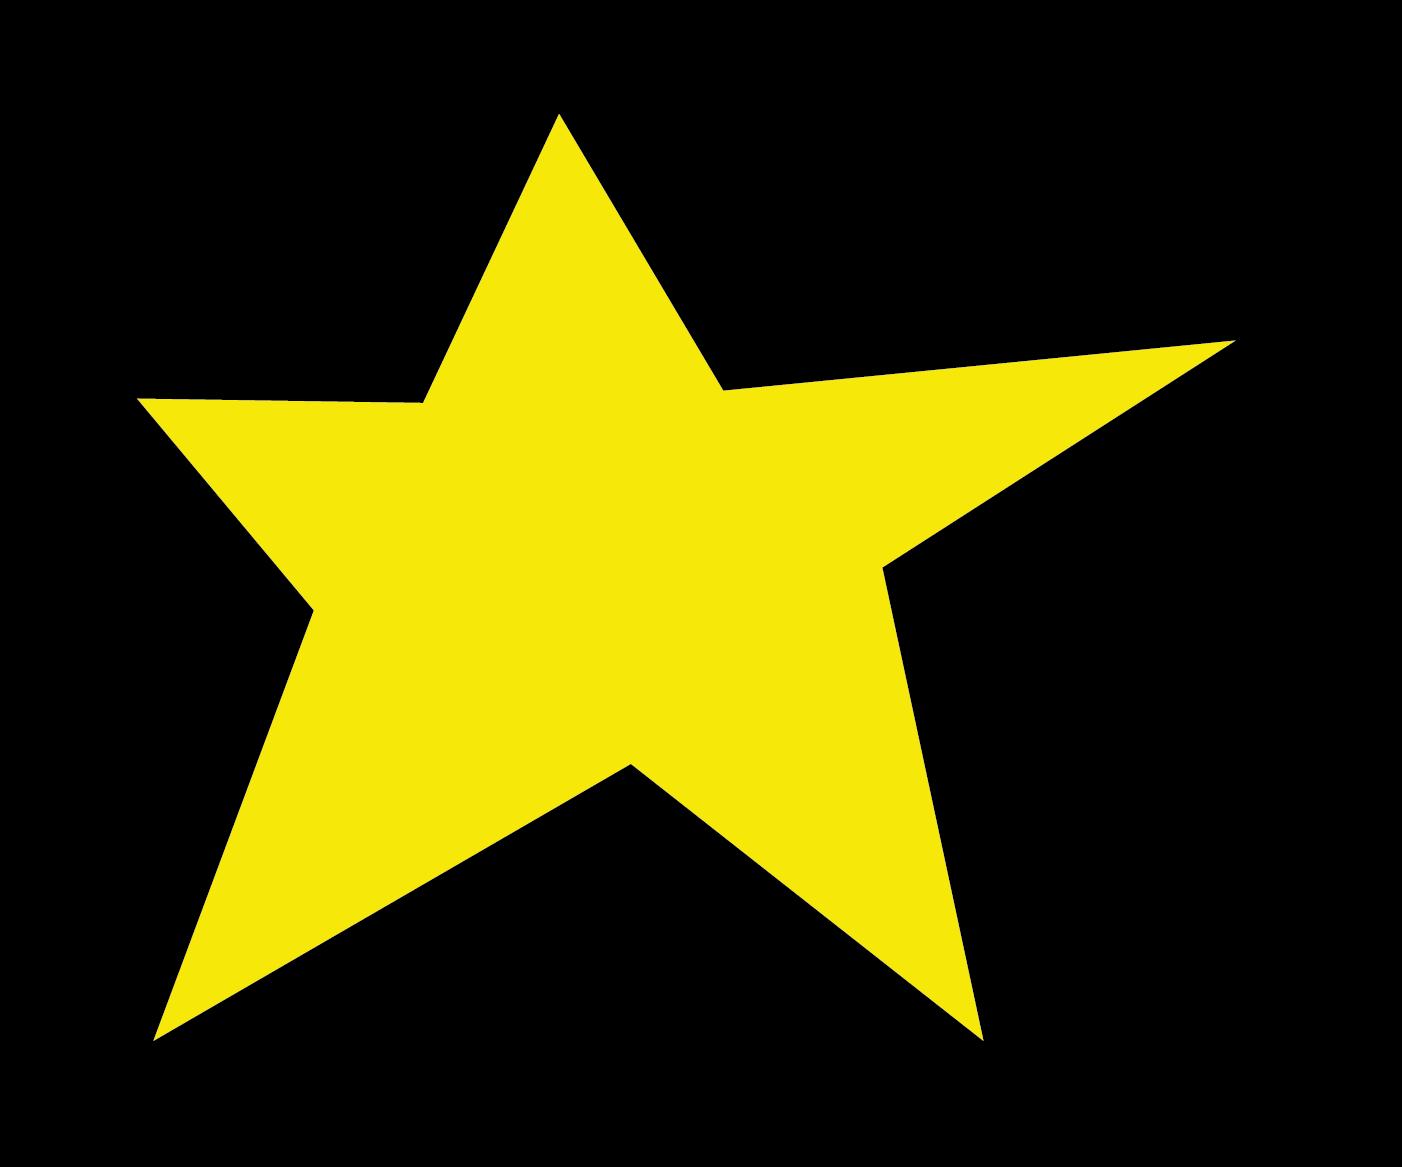 La estrella de la Negra